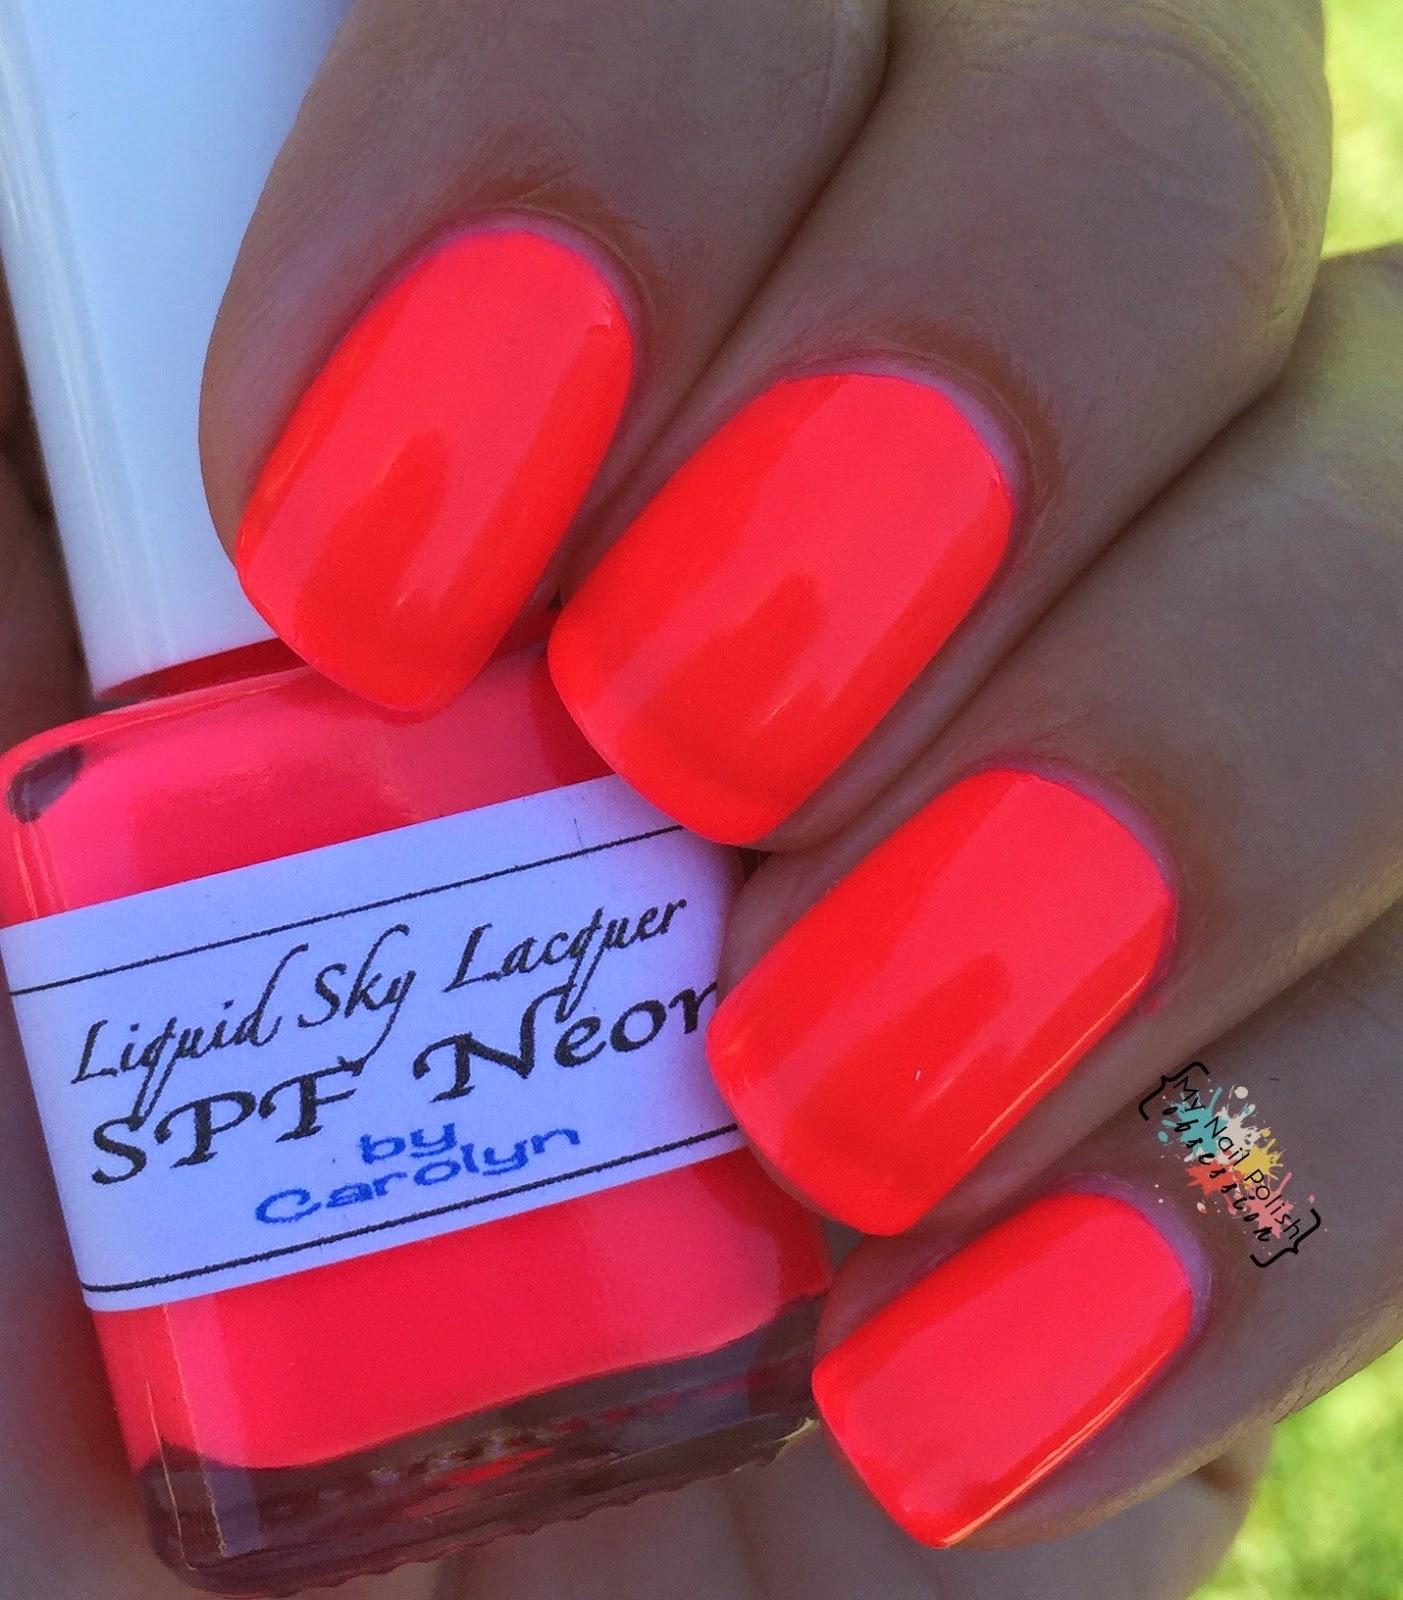 Liquid Sky Lacquer SPF Neon